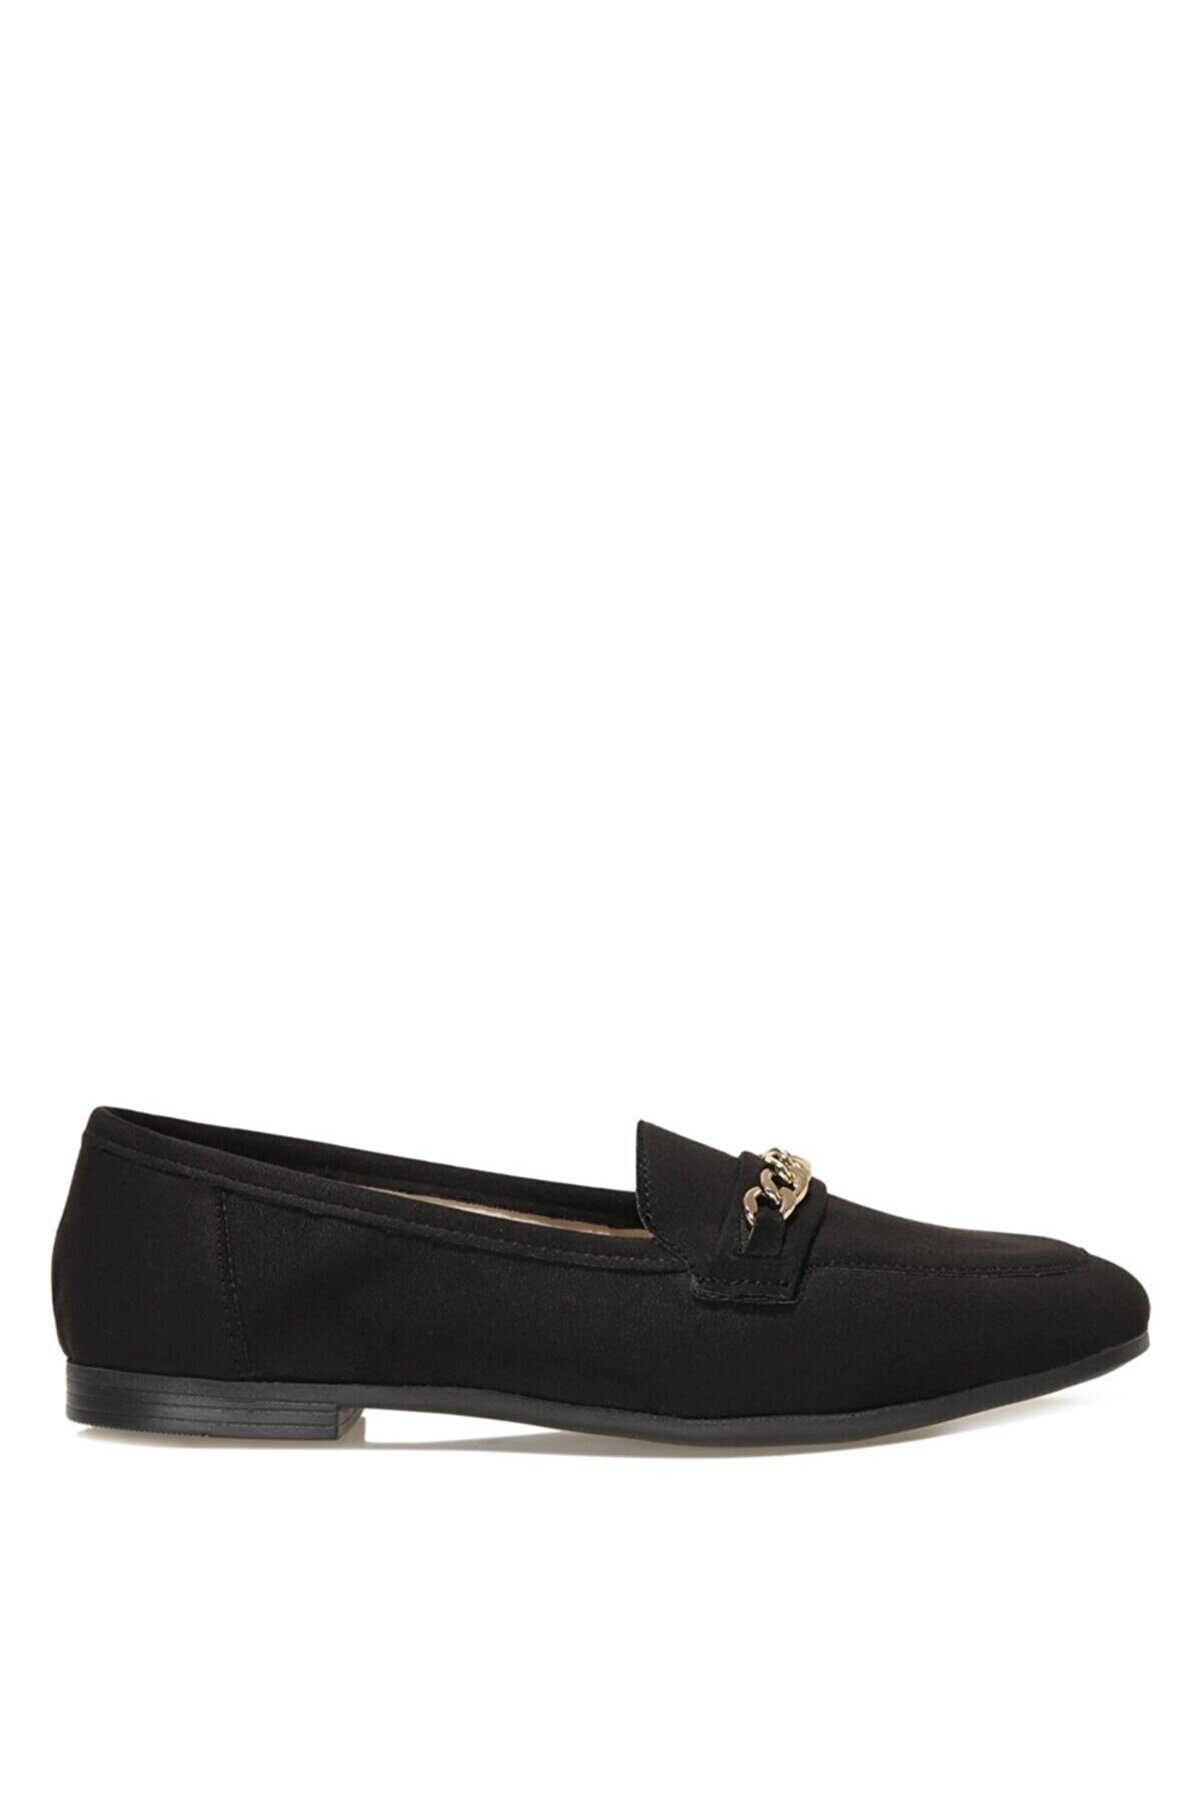 İnci GRENA.Z 1FX Siyah Kadın Loafer Ayakkabı 101038284